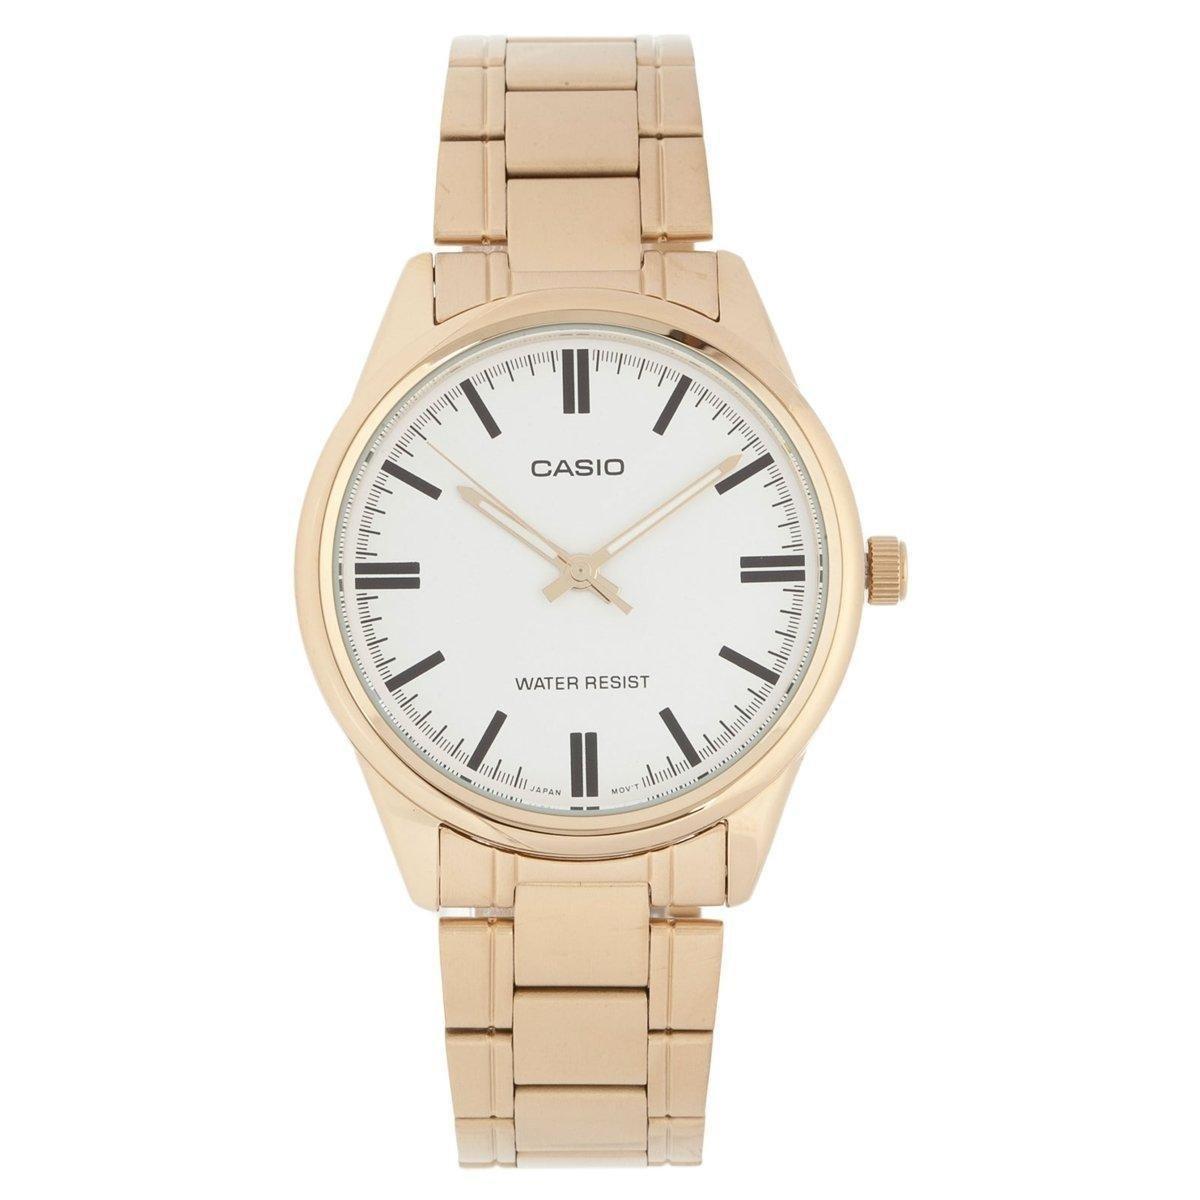 07f73ec89ab Relógio Feminino Casio - Dourado - Compre Agora